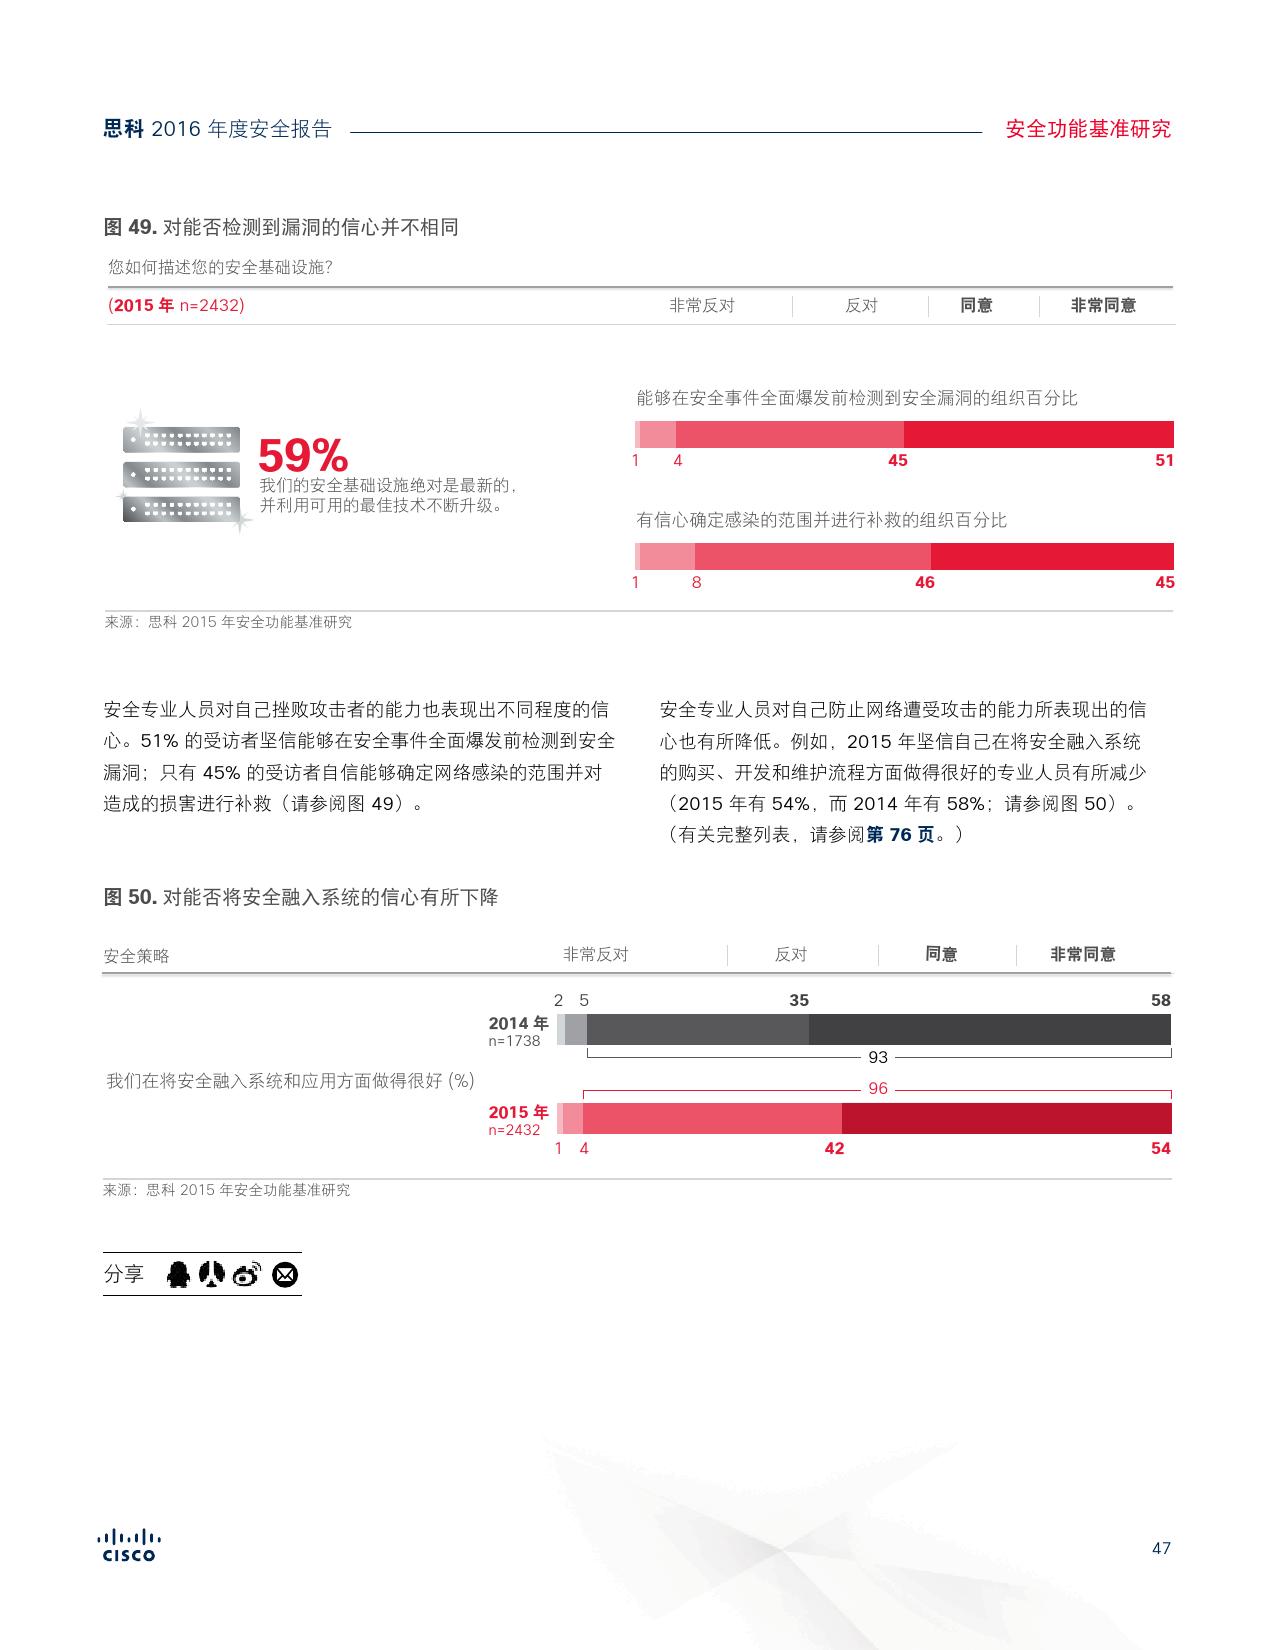 2016年中网络安全报告_000047